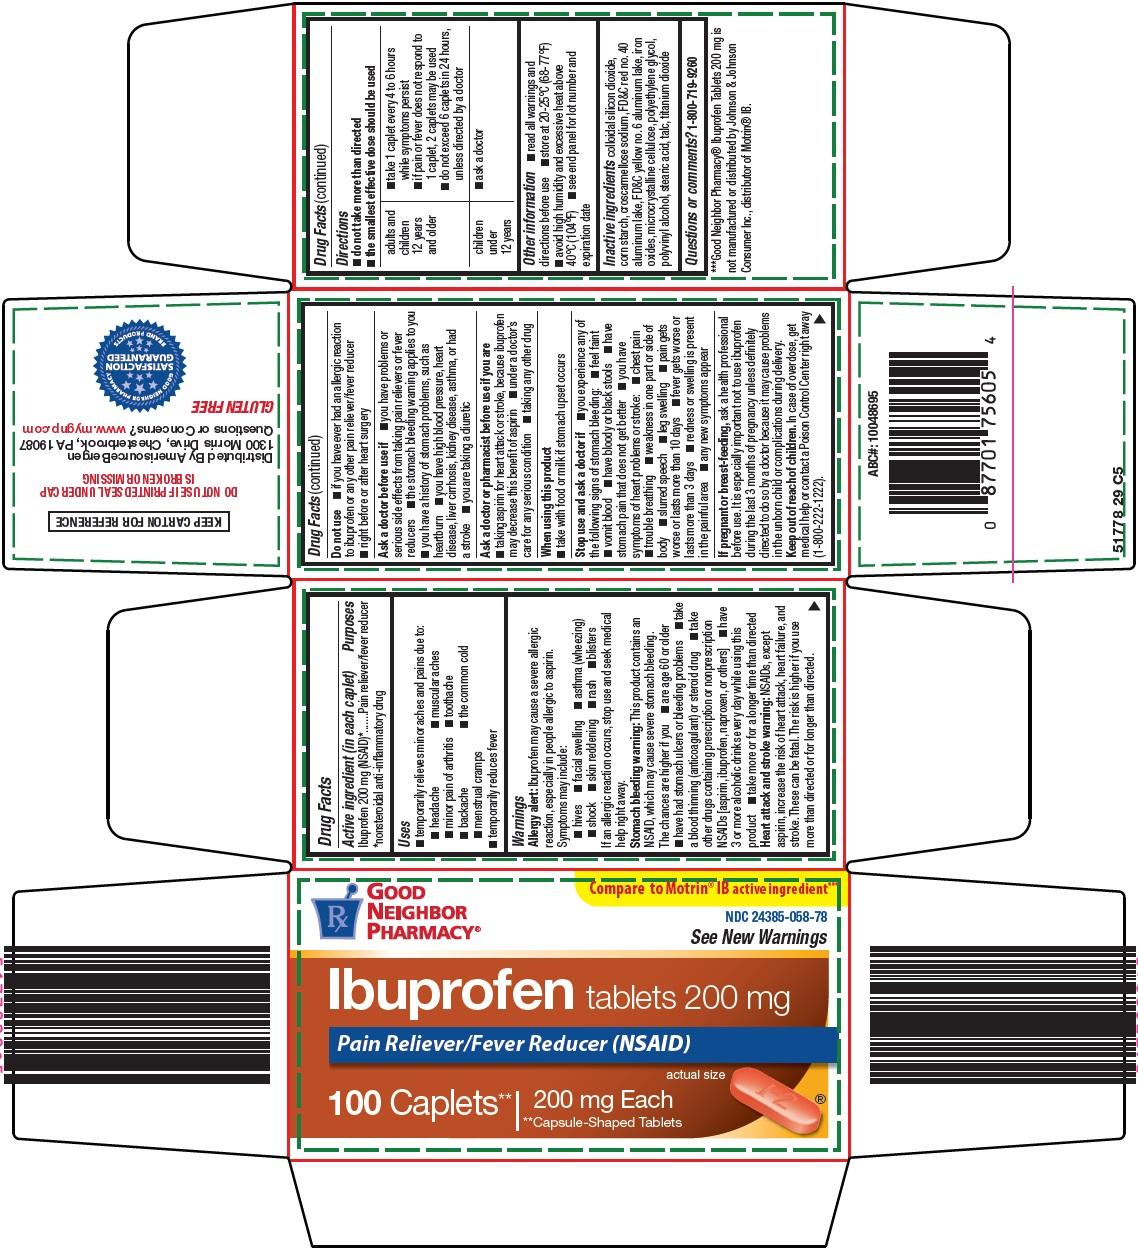 517-29-ibuprofen.jpg